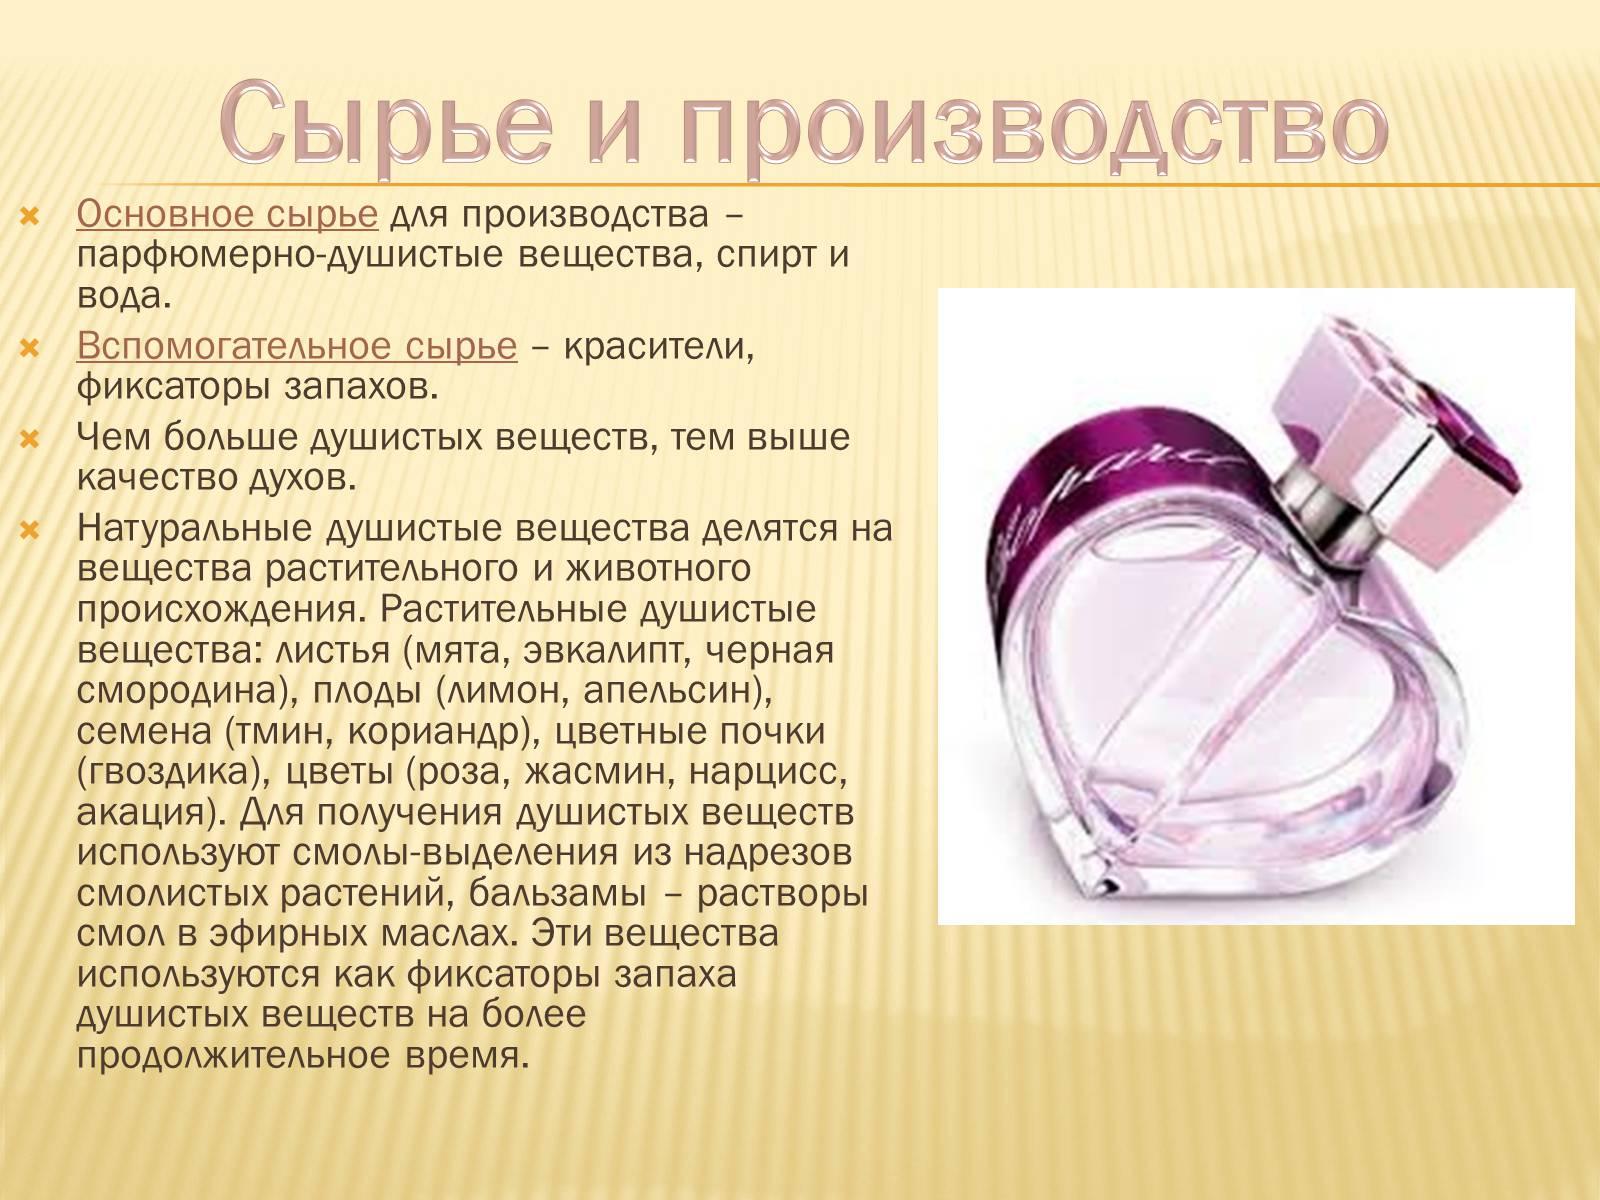 Что такое нишевая (селективная) парфюмерия